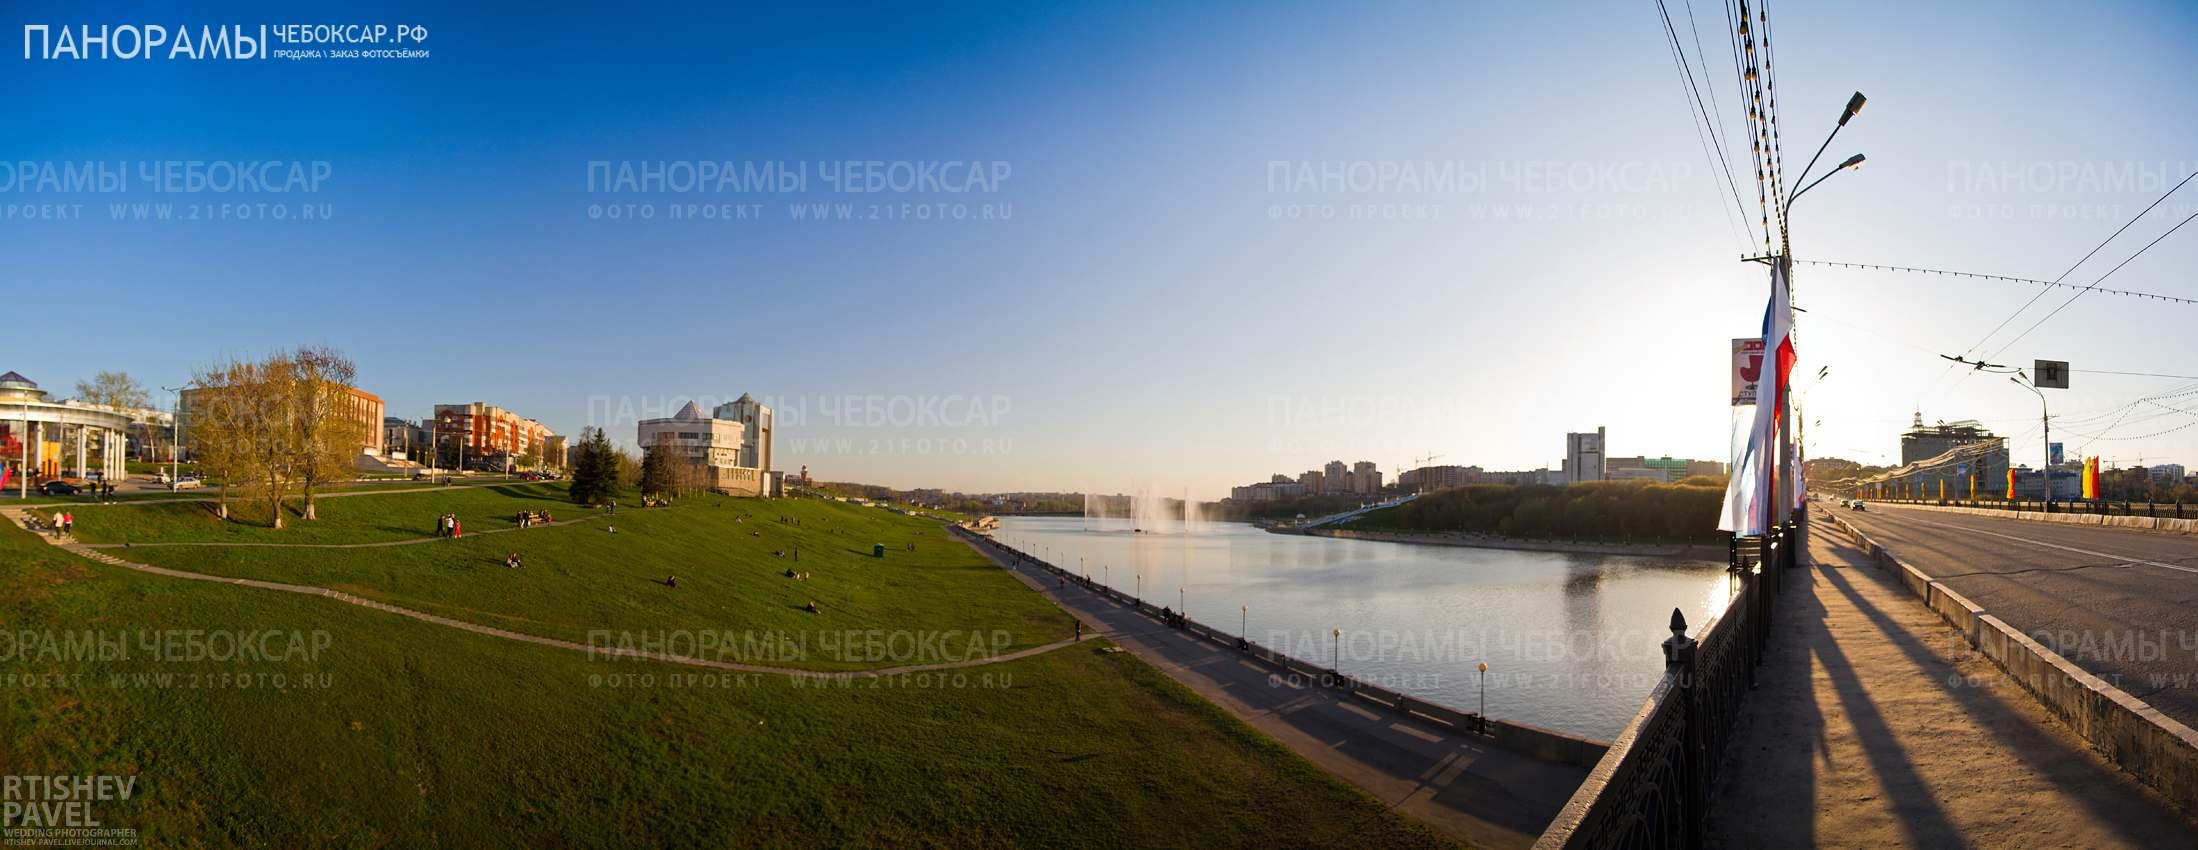 Фотография залива с Московского Моста в городе Чебоксары